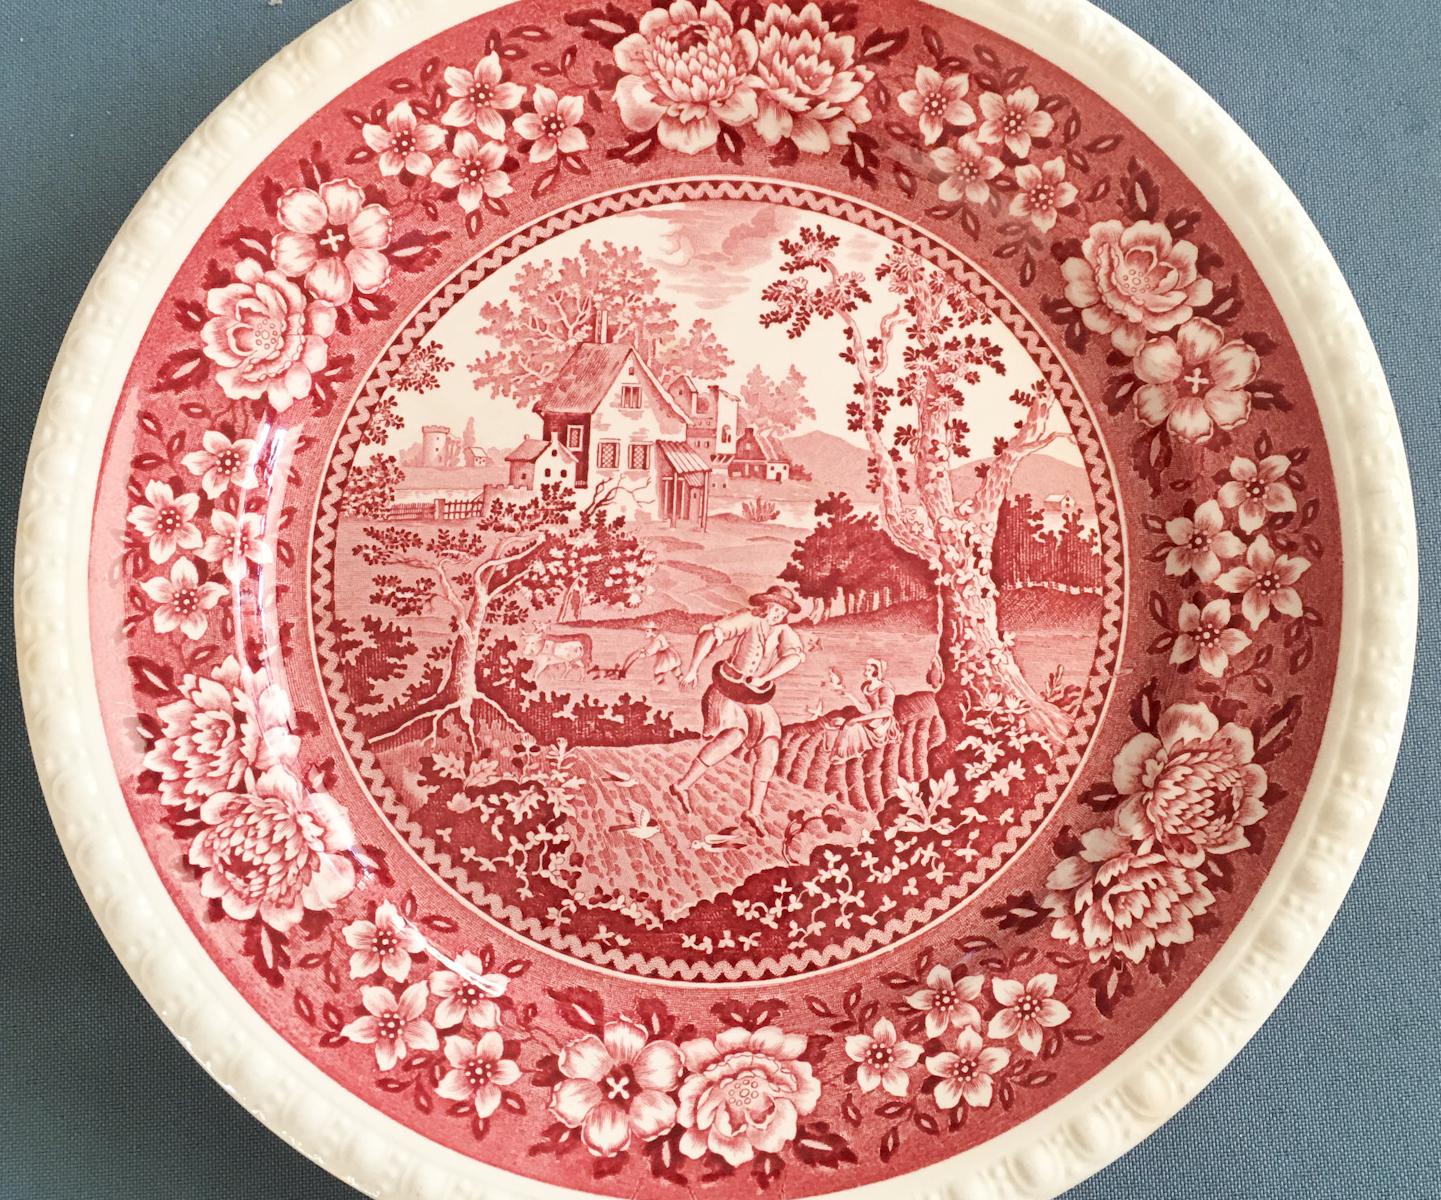 Haushalt - servieren - Geschirr - Essgeschirr Rusticana rot Villeroy & Boch